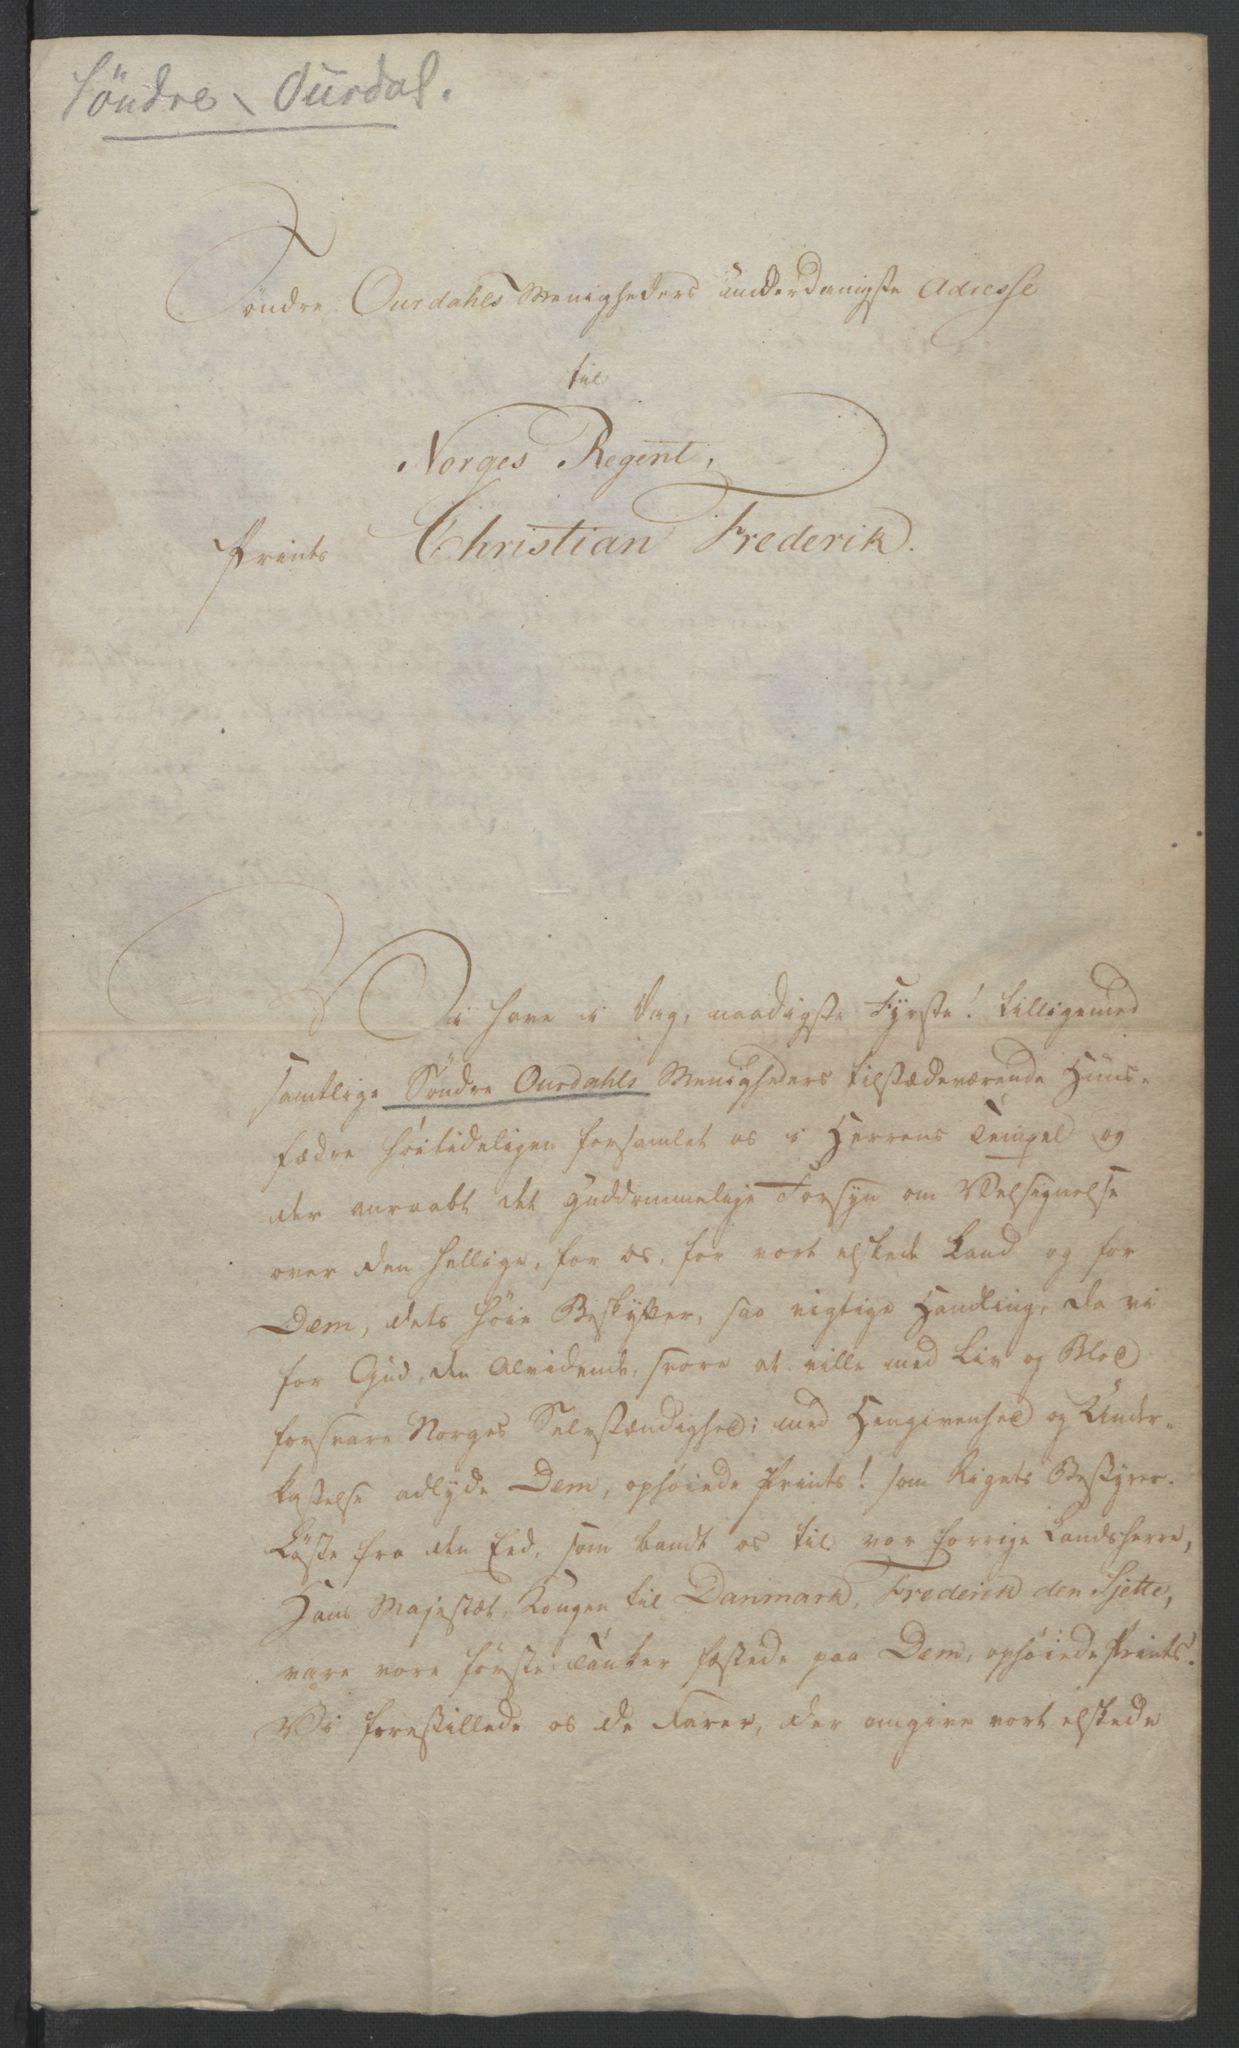 RA, Statsrådssekretariatet, D/Db/L0007: Fullmakter for Eidsvollsrepresentantene i 1814. , 1814, s. 284